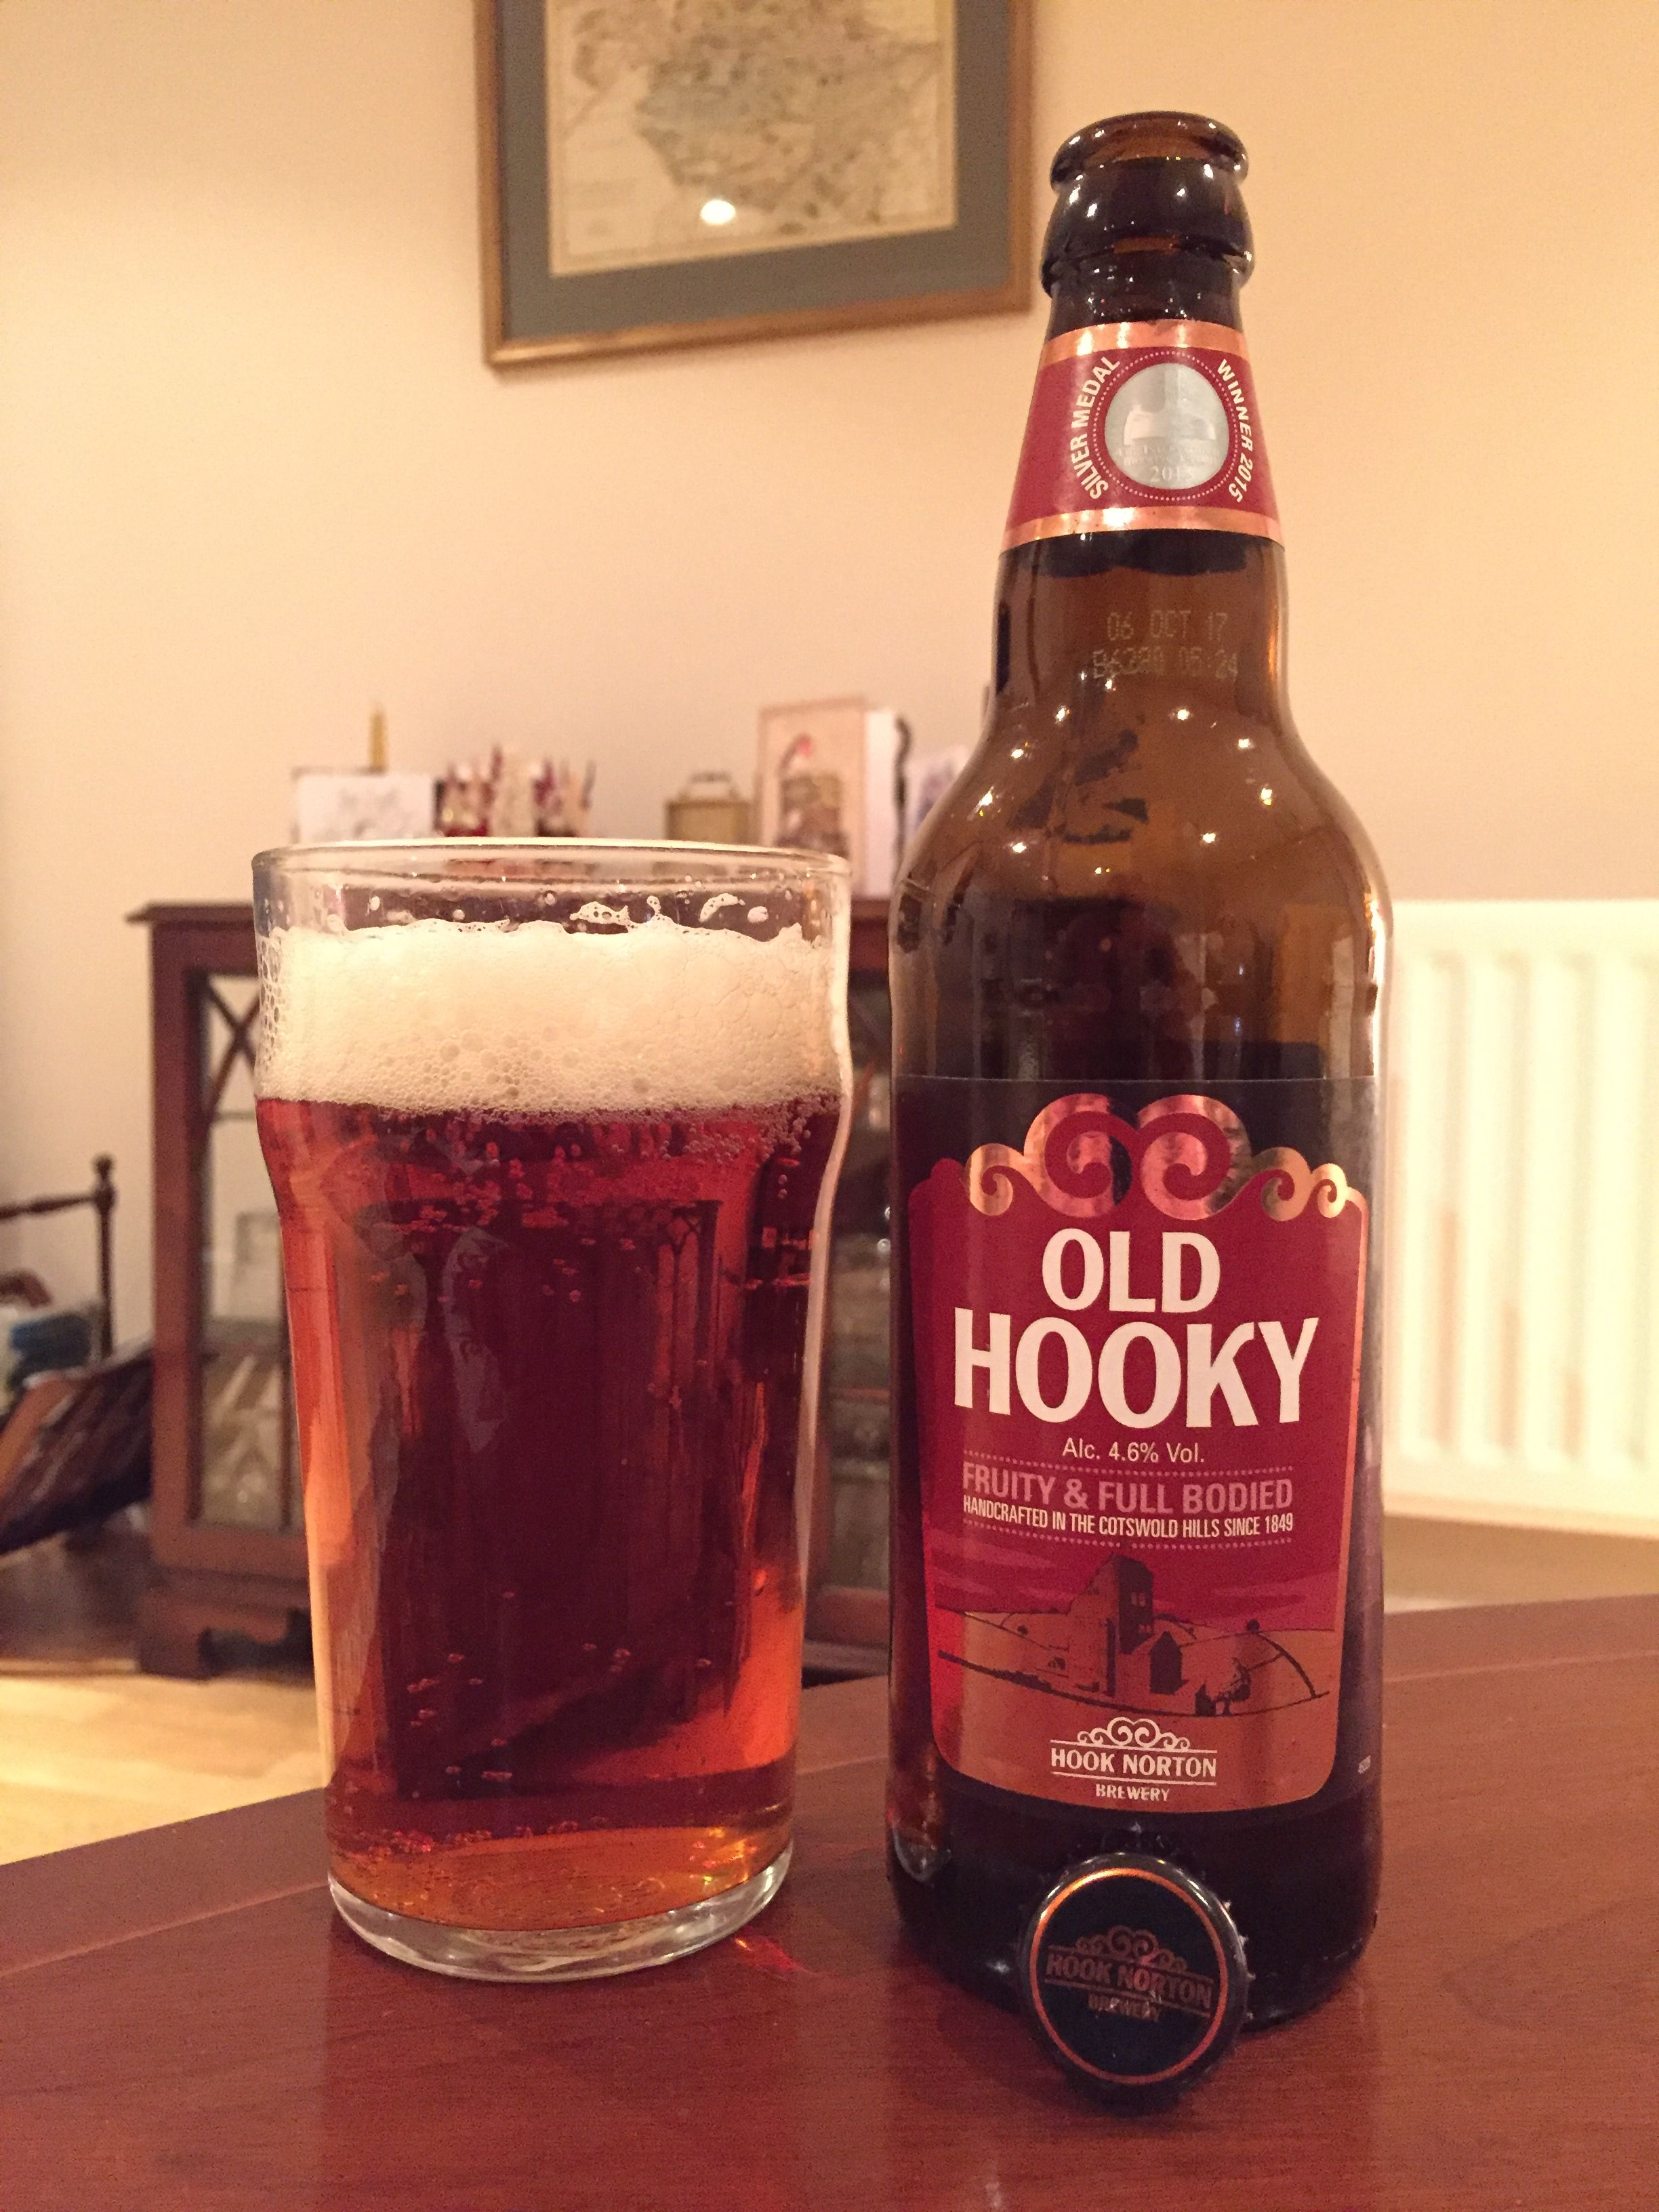 Old Hooky Hook Norton Brewery 2016 12 26 Beer Bar British Beer Beer